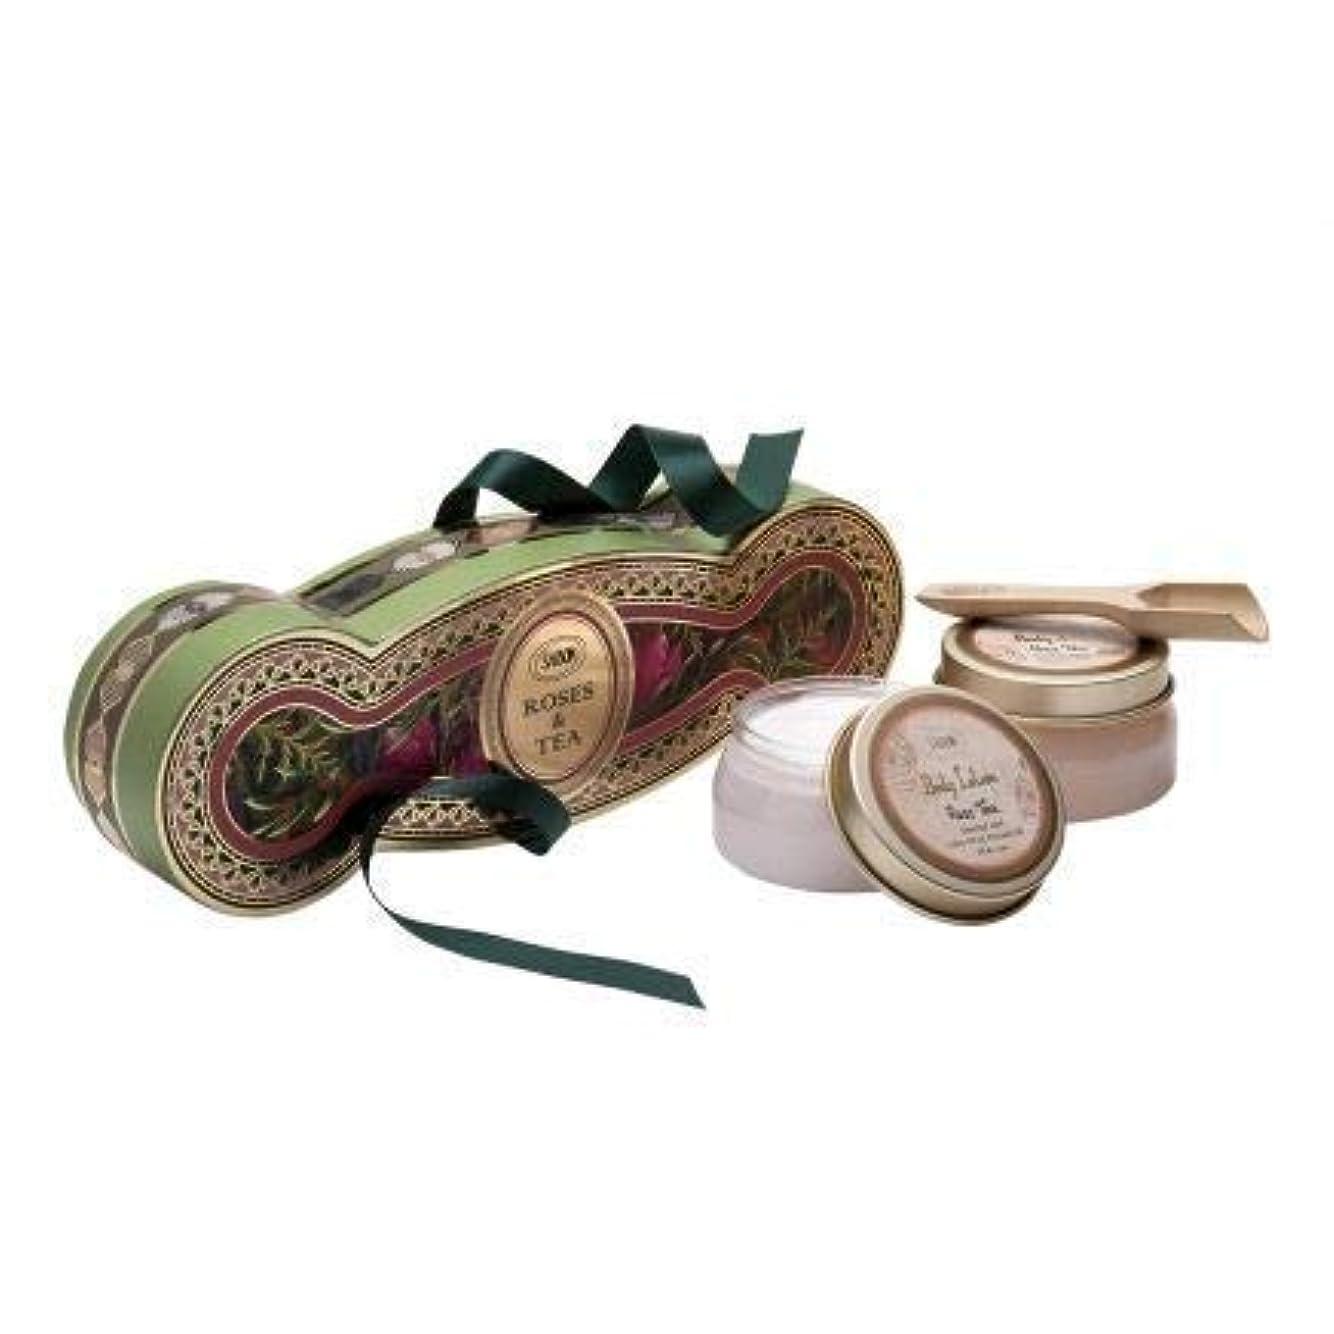 したい寓話感謝しているサボン コフレ ギフト ローズティー キット ボディスクラブ ボディローション ホワイトデー SABON Rose Tea kit コレクション